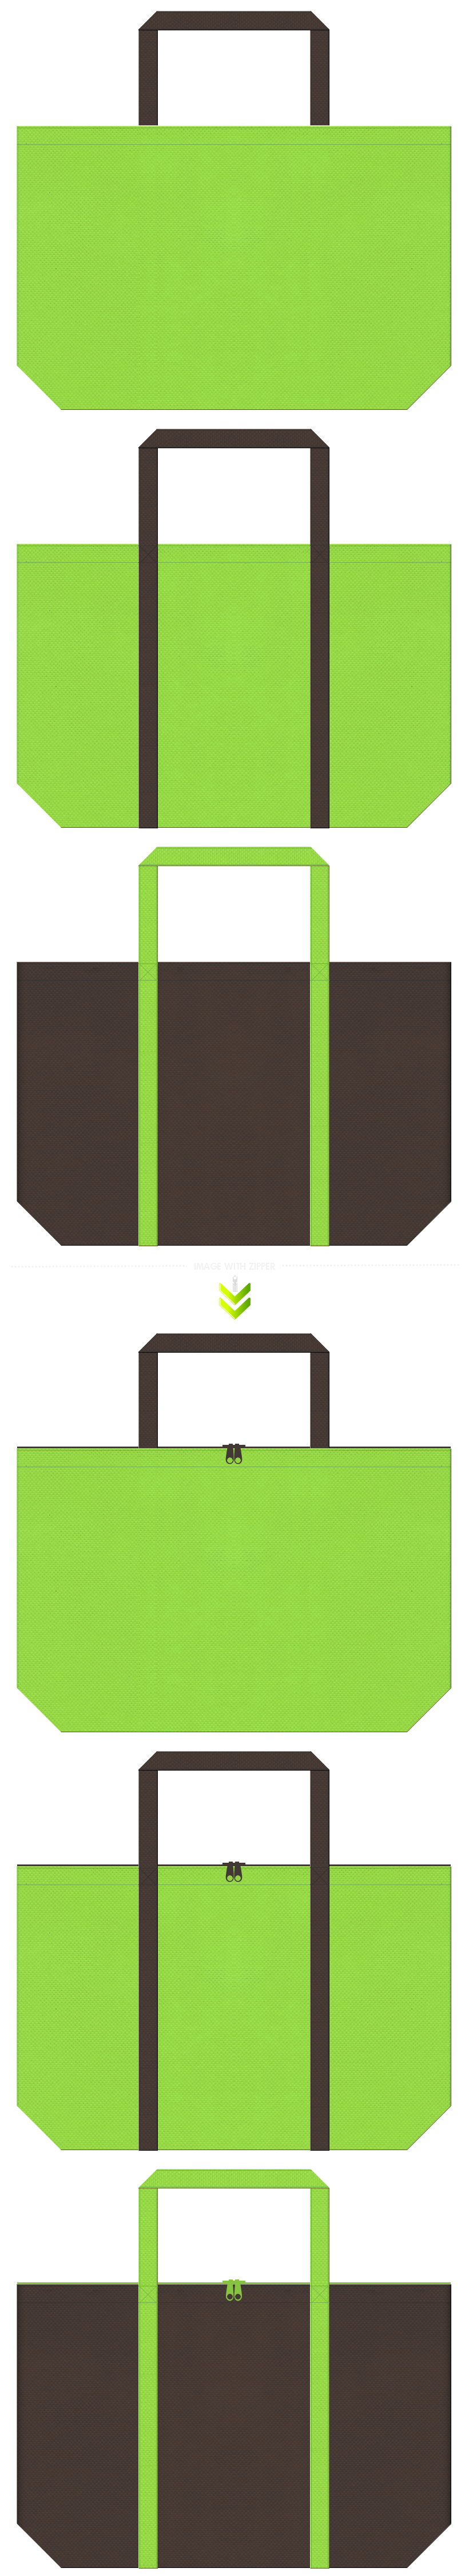 屋上緑化・壁面緑化・環境・CO2削減・観葉植物・植物園・畑・田んぼアート・種苗・肥料・農業・牧場・産直市場・林業・ガーデニング・エクステリア・園芸・エコバッグにお奨めの不織布バッグデザイン:黄緑色とこげ茶色のコーデ